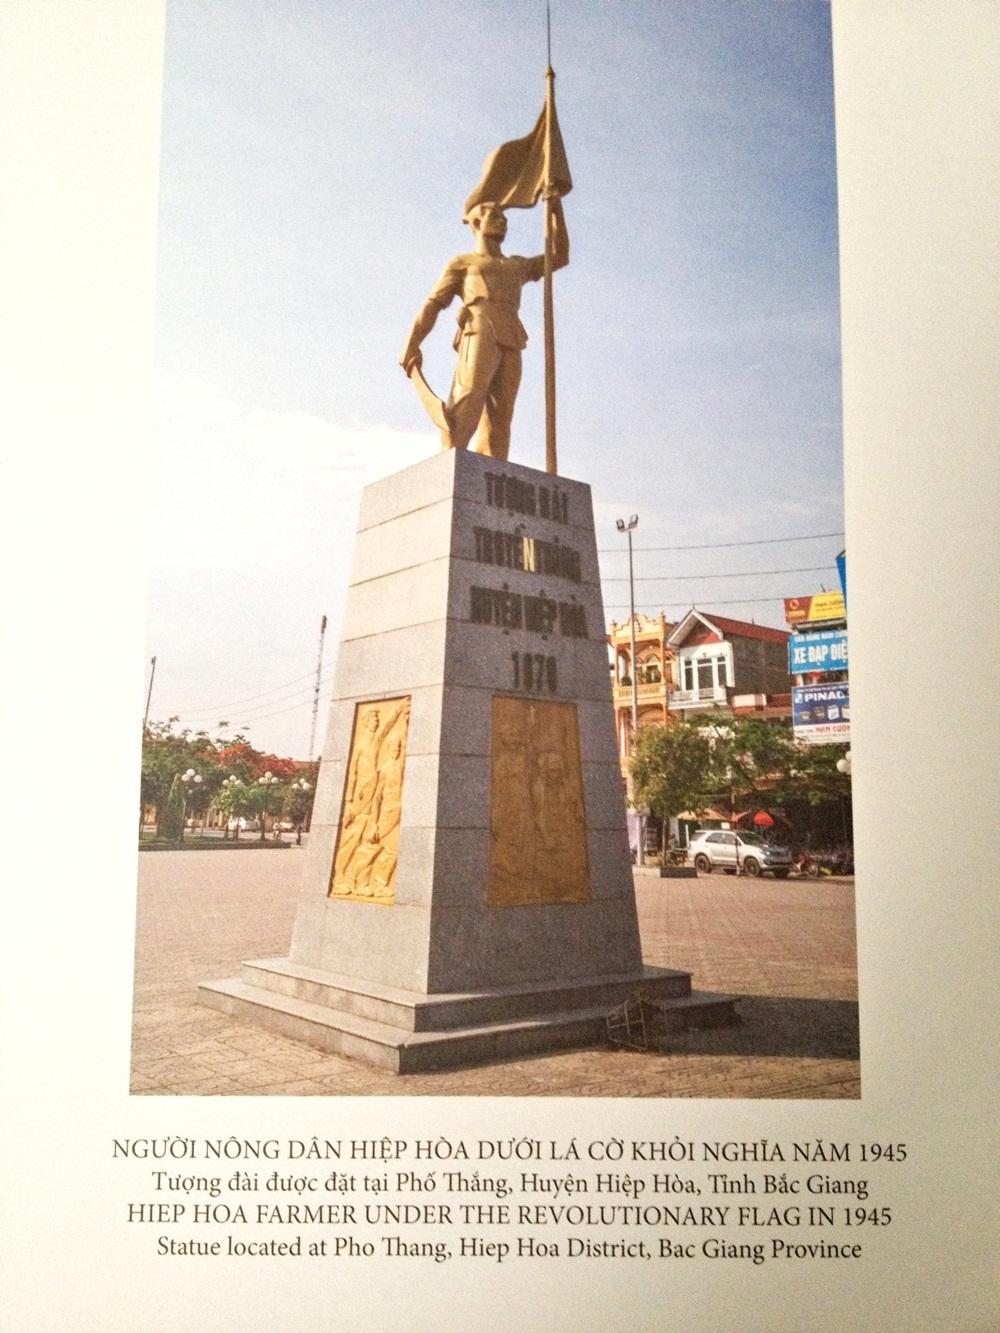 Tượng đài của nhà điêu khắc Hoàng Uyên được đặt tại huyện Hiệp Hòa, Bắc Giang (Hình ảnh tư liệu).